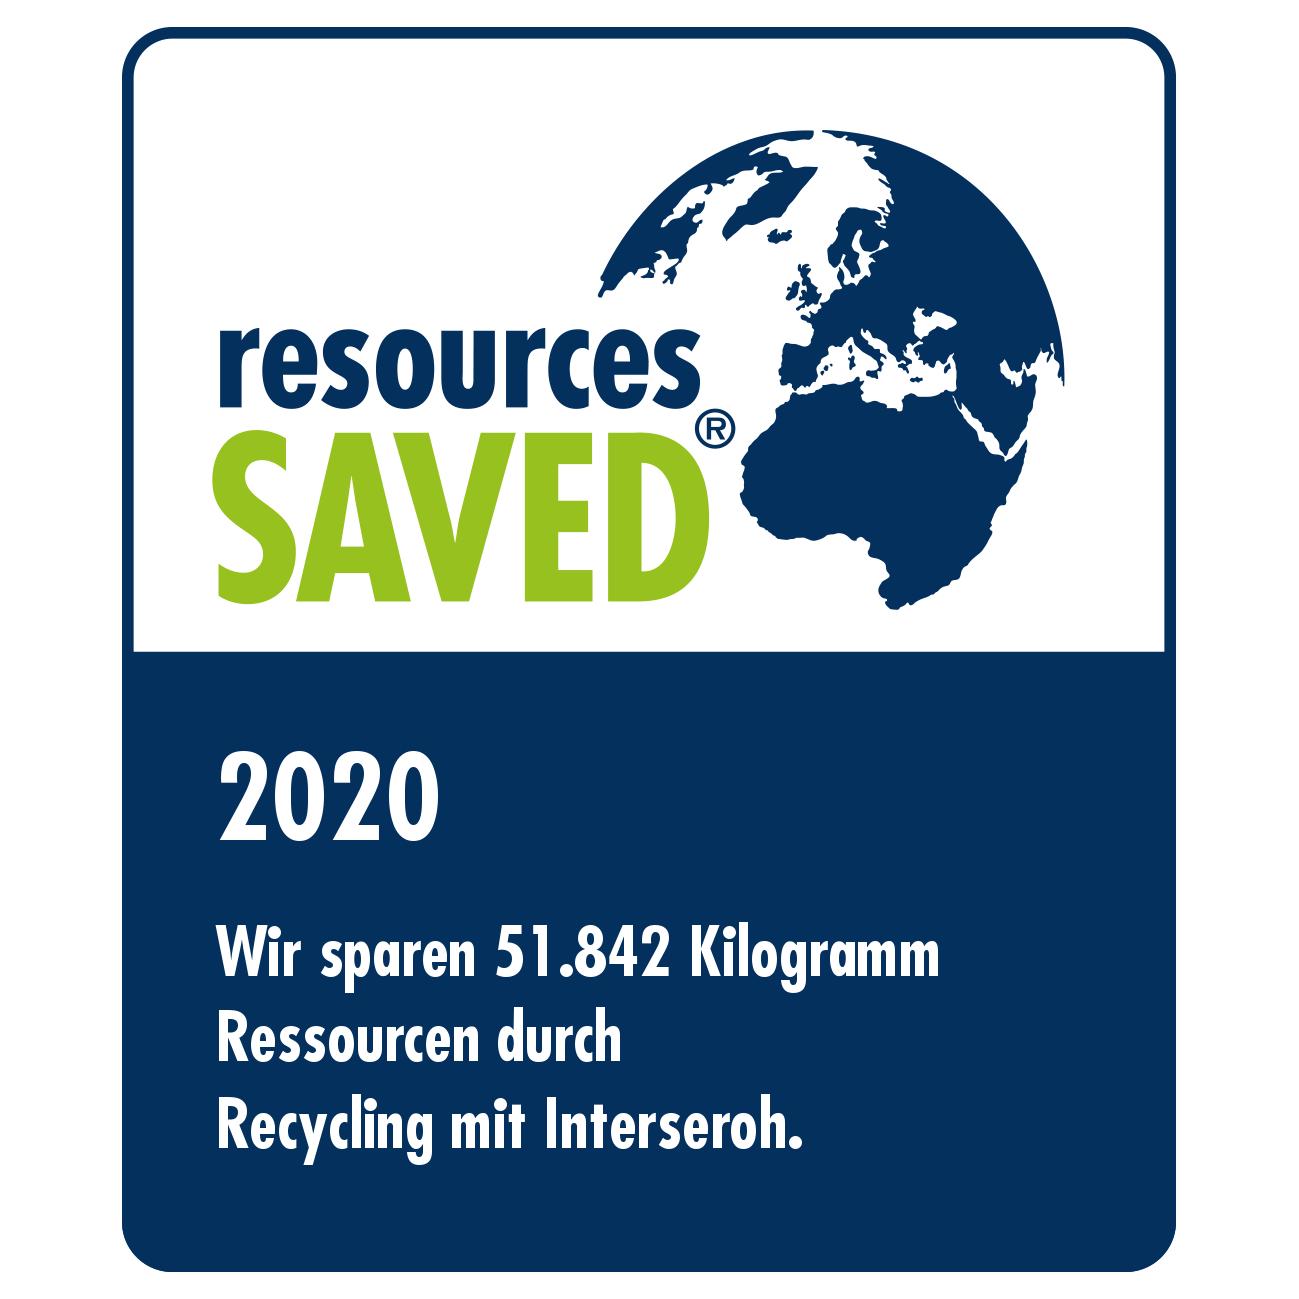 2020 - Eingesparte Ressourcen durch Recycling